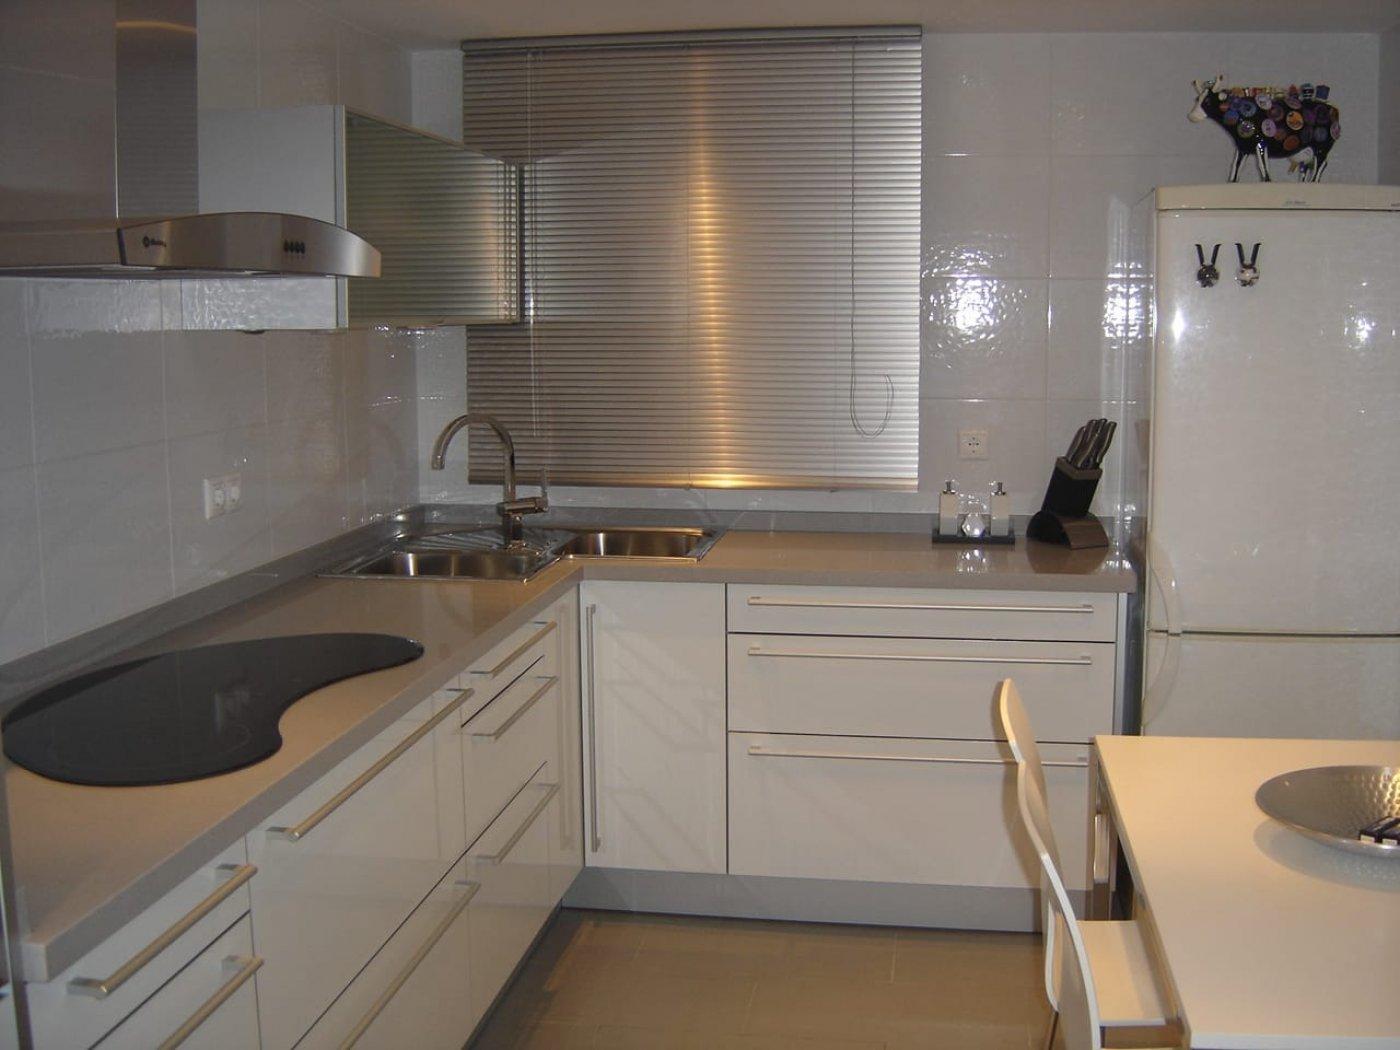 Se vende bonito apartamento semi nuevo con parking en andratx - imagenInmueble17